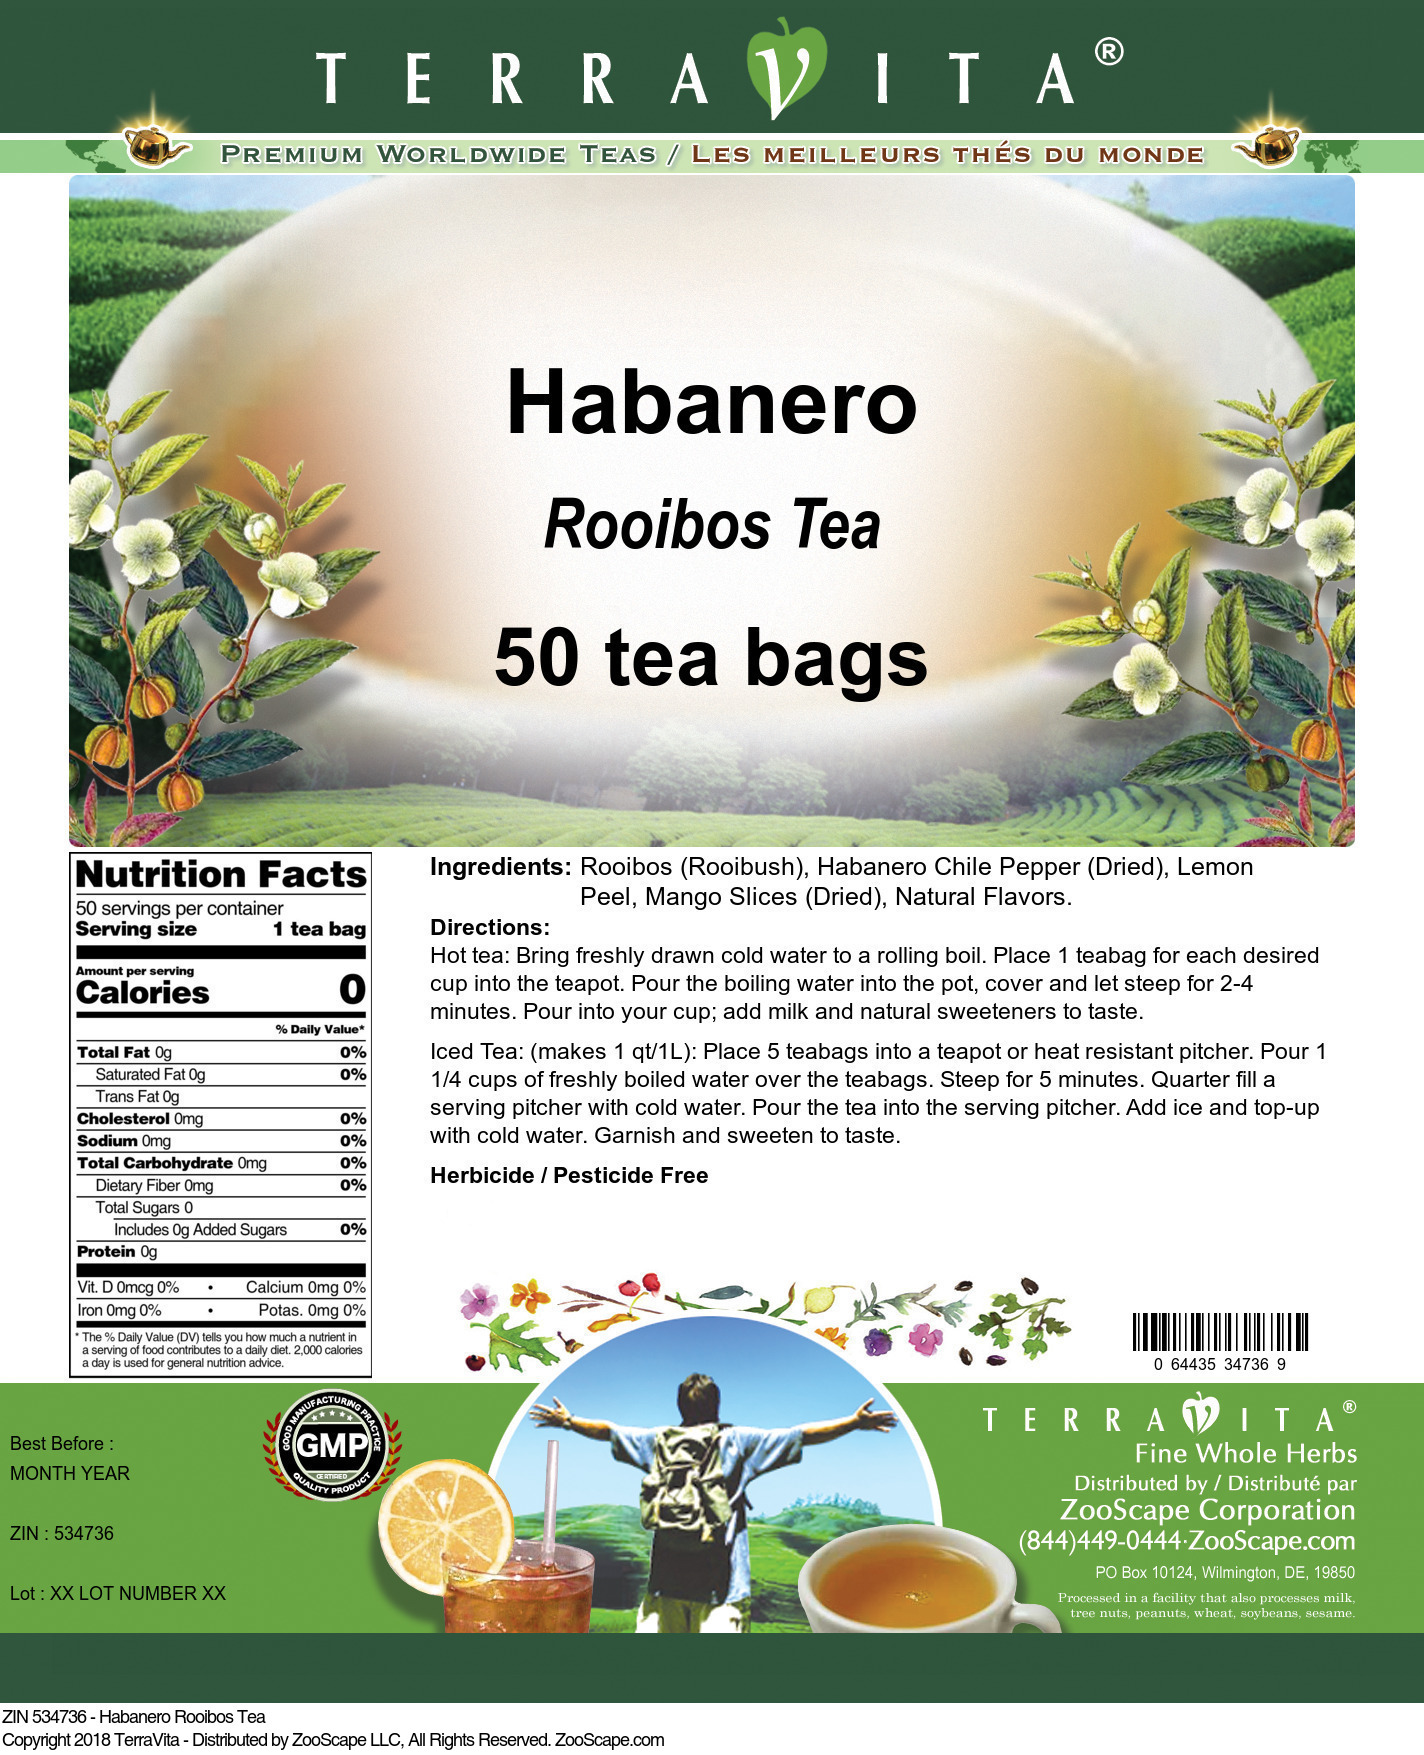 Habanero Rooibos Tea